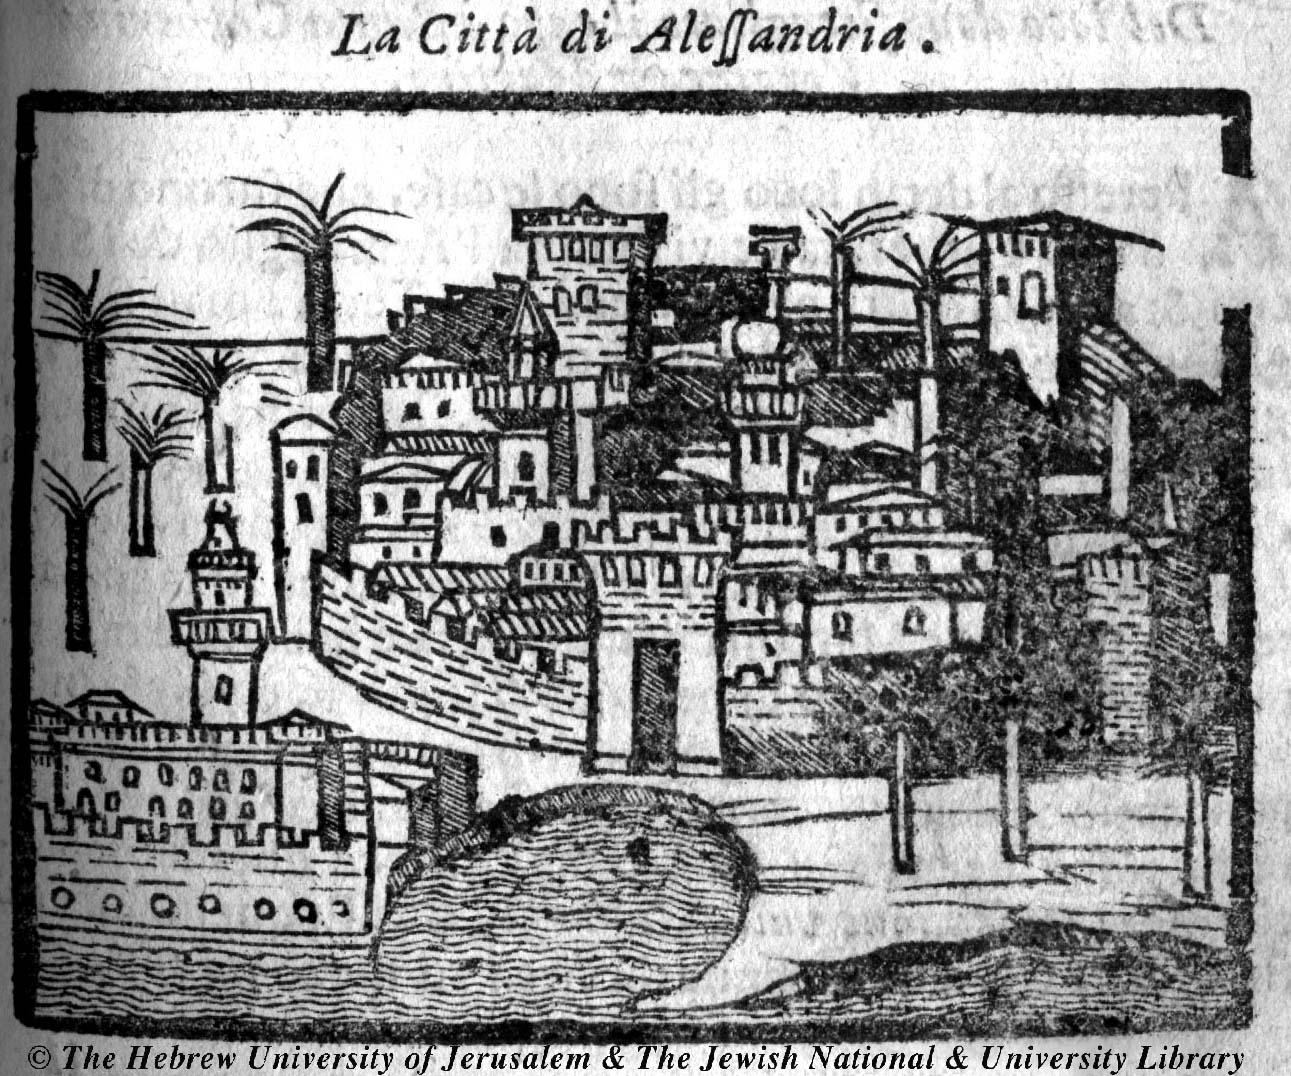 http://image.nauka.bg/history/arch/bianchi_remondini_1675_alexandria_b.jpg